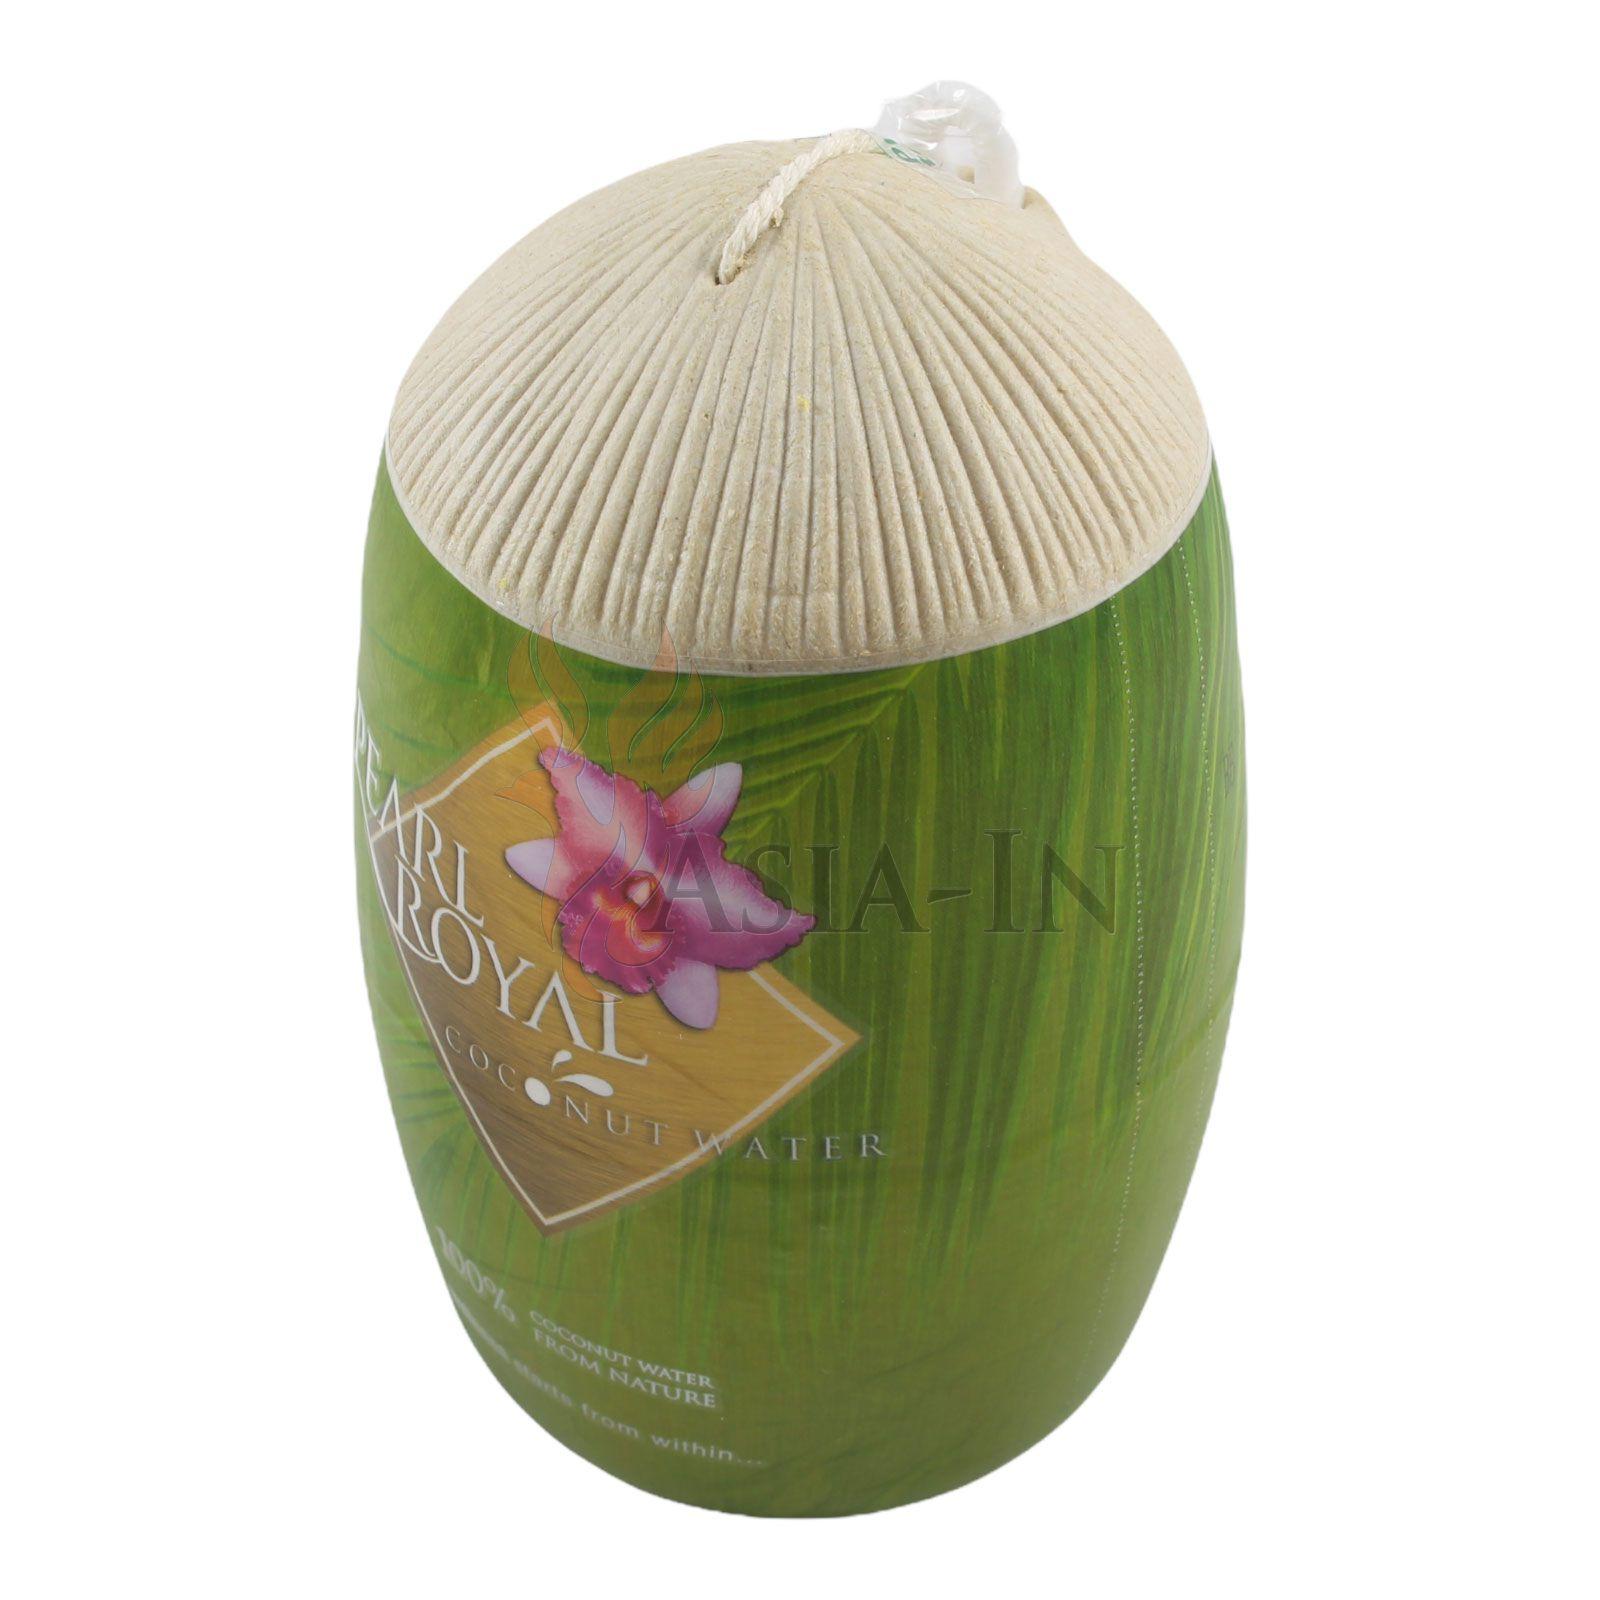 kokosnuss wasser pearl royal 310ml